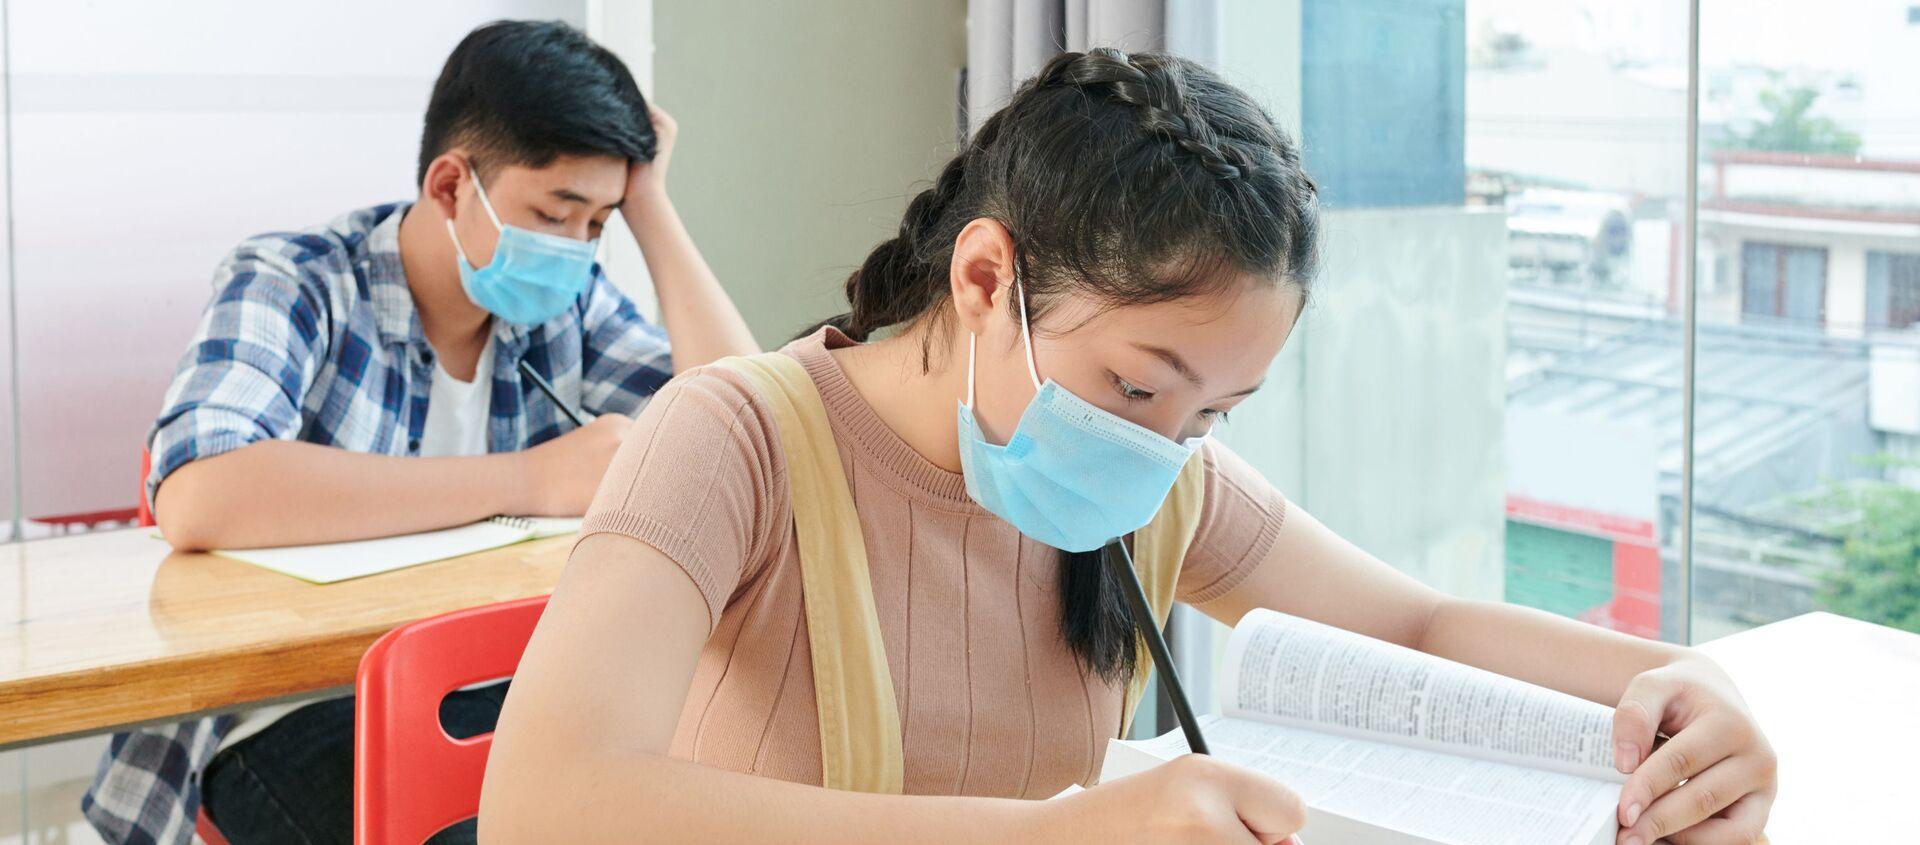 Học sinh đeo khẩu trang trong lớp học. - Sputnik Việt Nam, 1920, 26.06.2021